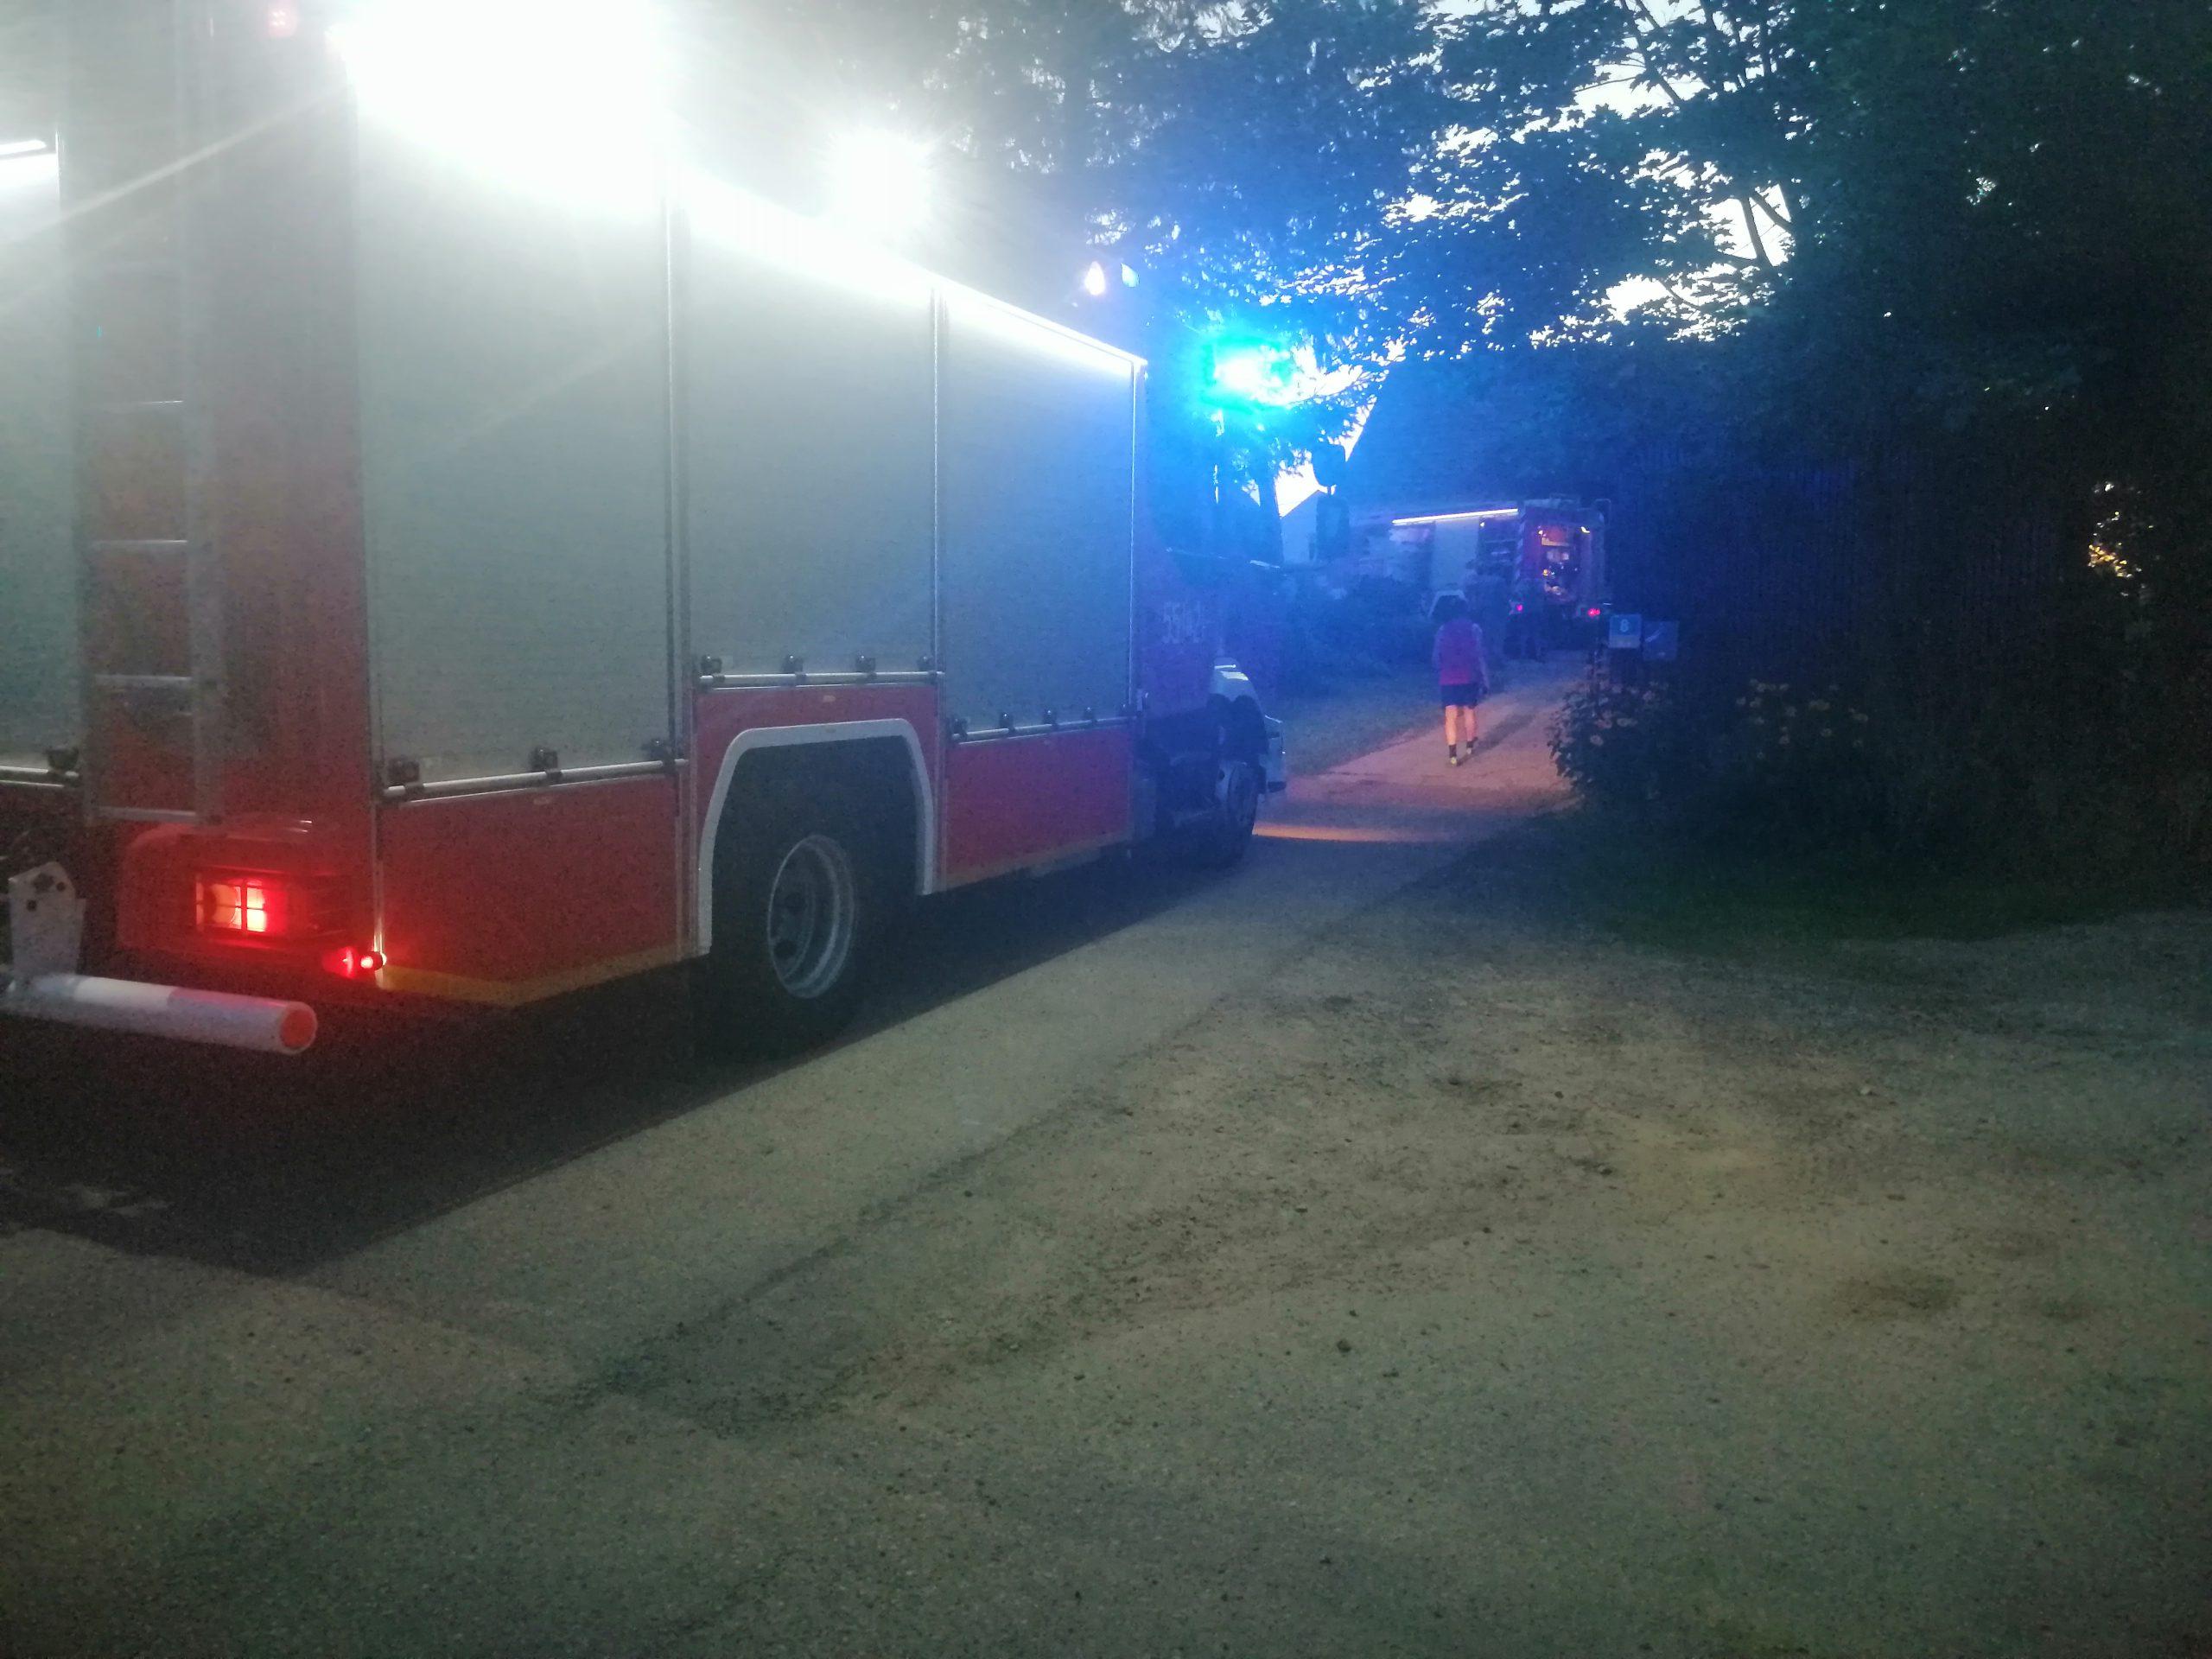 Wieczorem doszło do pożaru budynku. Strażacy szybko opanowali sytuację